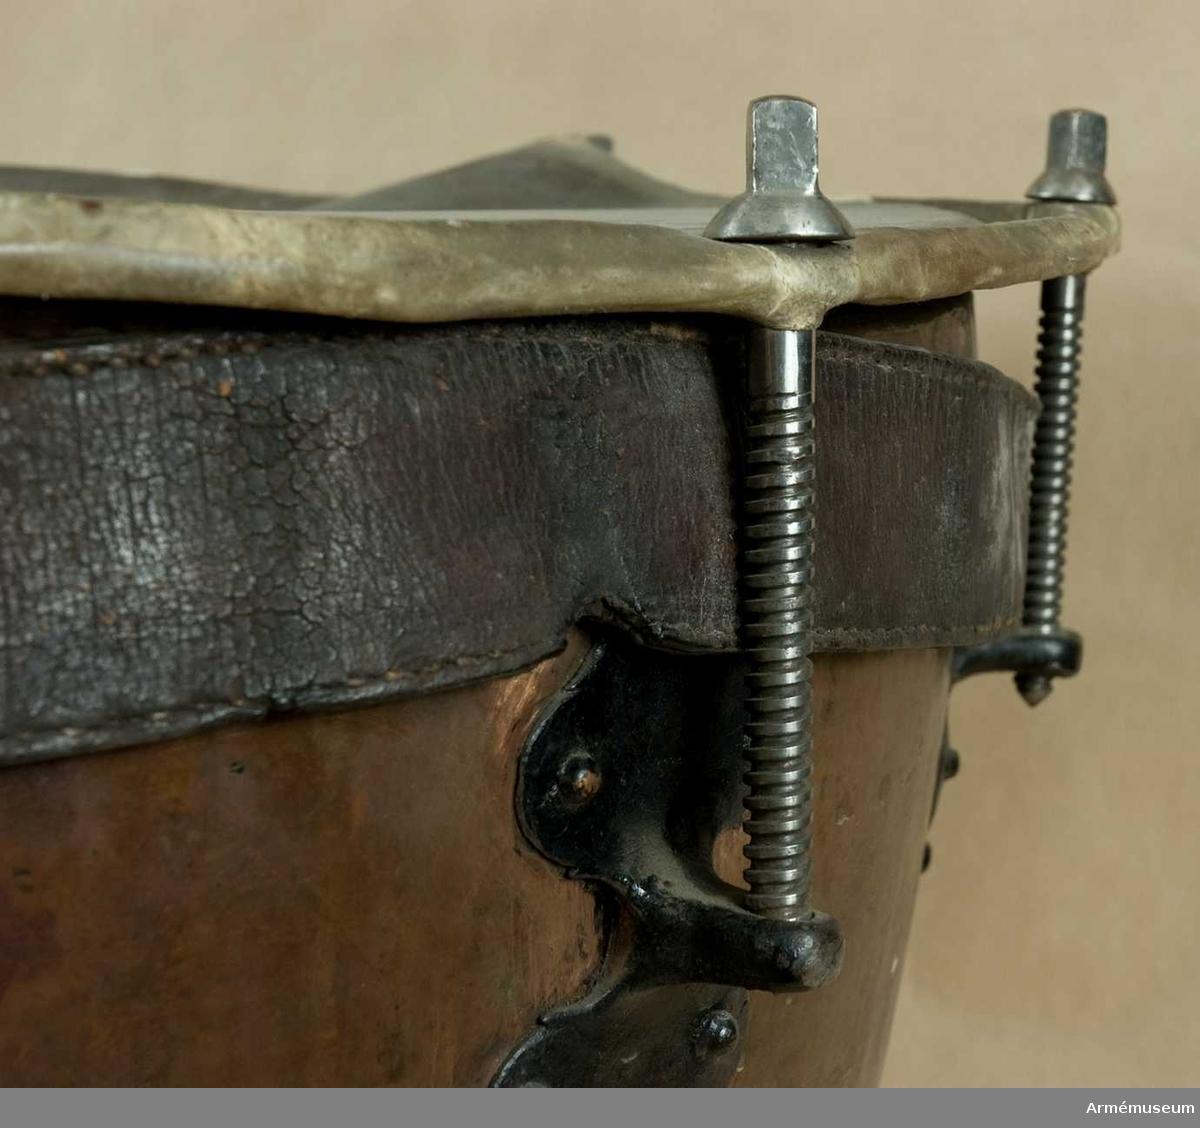 Grupp B III. Från 1700-talets mitt. Kopparplåt med fastnitad fot av järn. Åtta stämskruvar, fastnitade med järnbeslag. En kraftig läderrem innanför skruvarna.